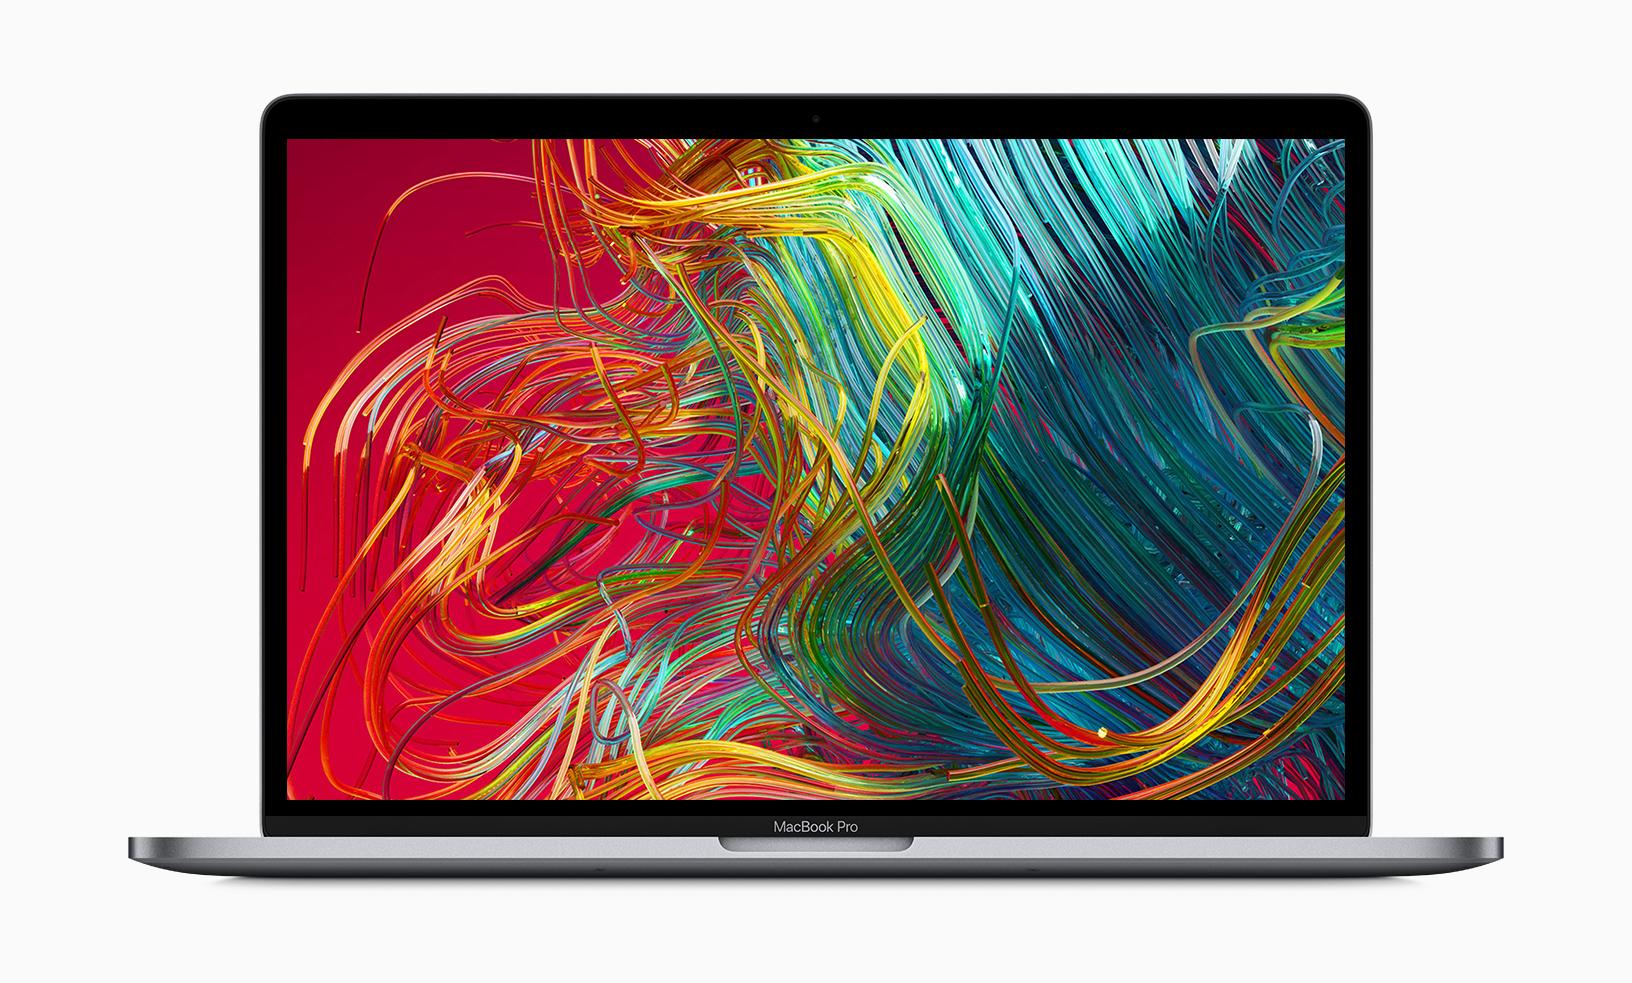 apple_macbookpro-8-core_display_05212019